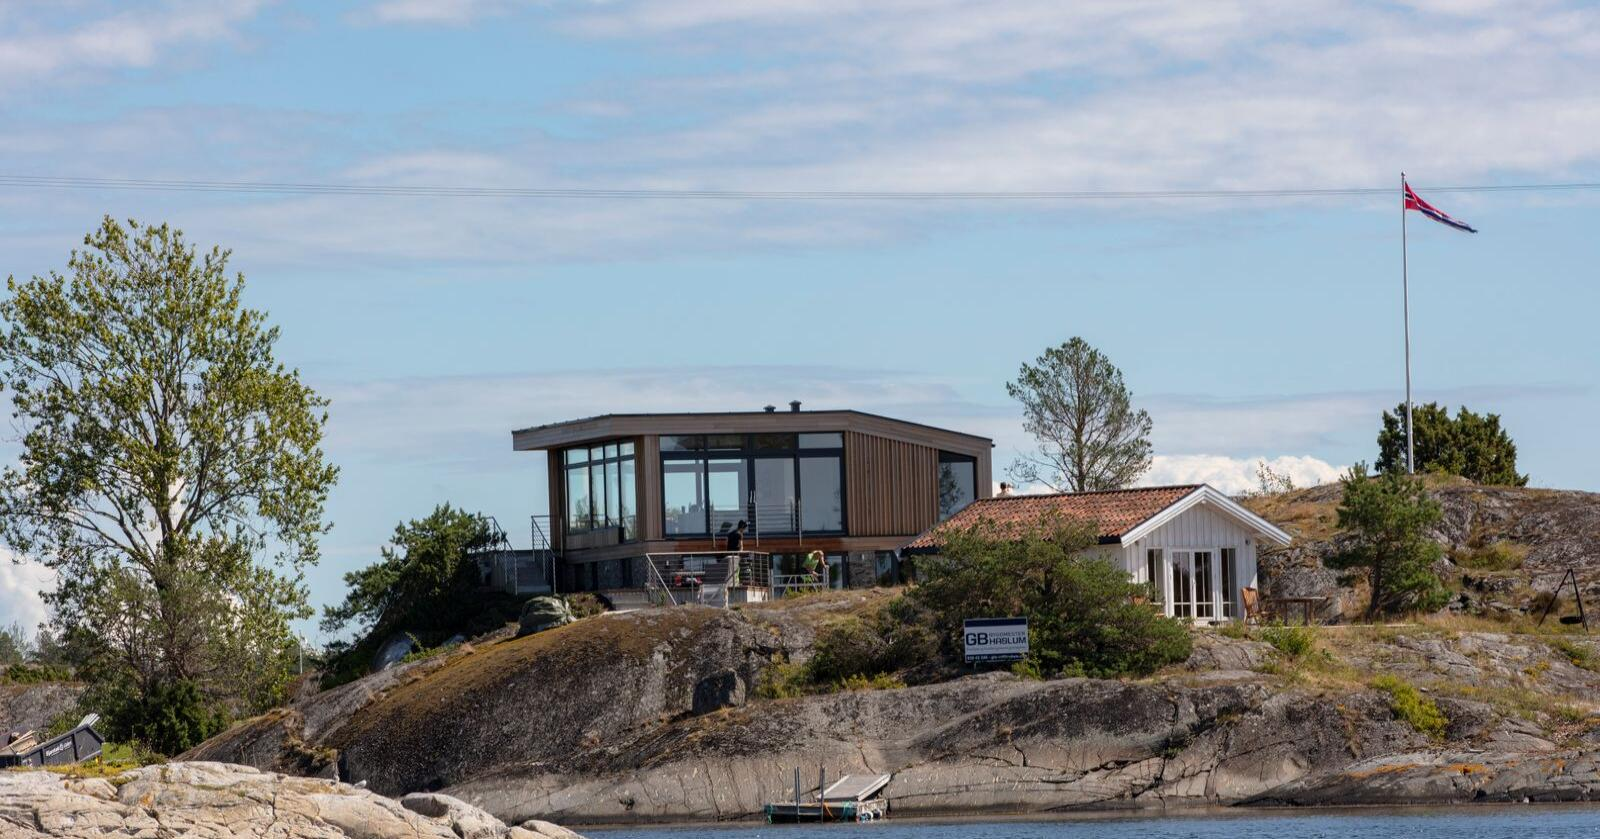 Det er gode tider i hyttemarkedet for tiden. Her en hytte i Kragerø skjærgård. Foto: Geir Olsen / NTB